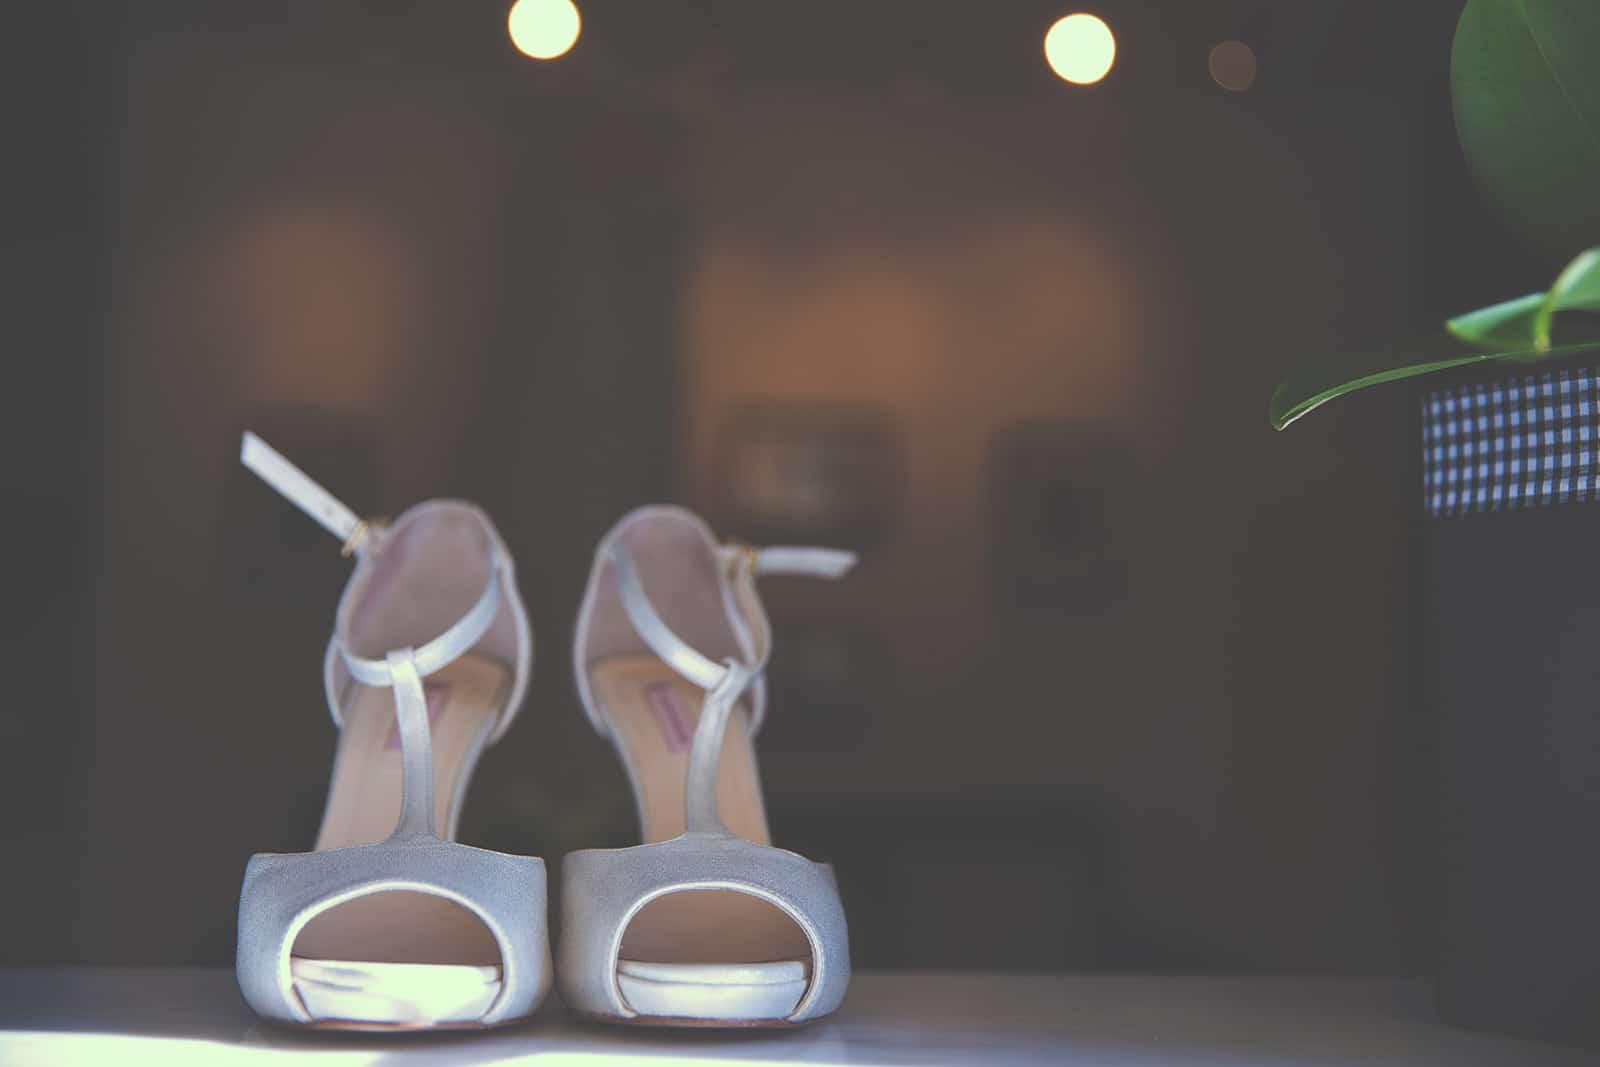 Νυφικά παπούτσια με μπαρέτα